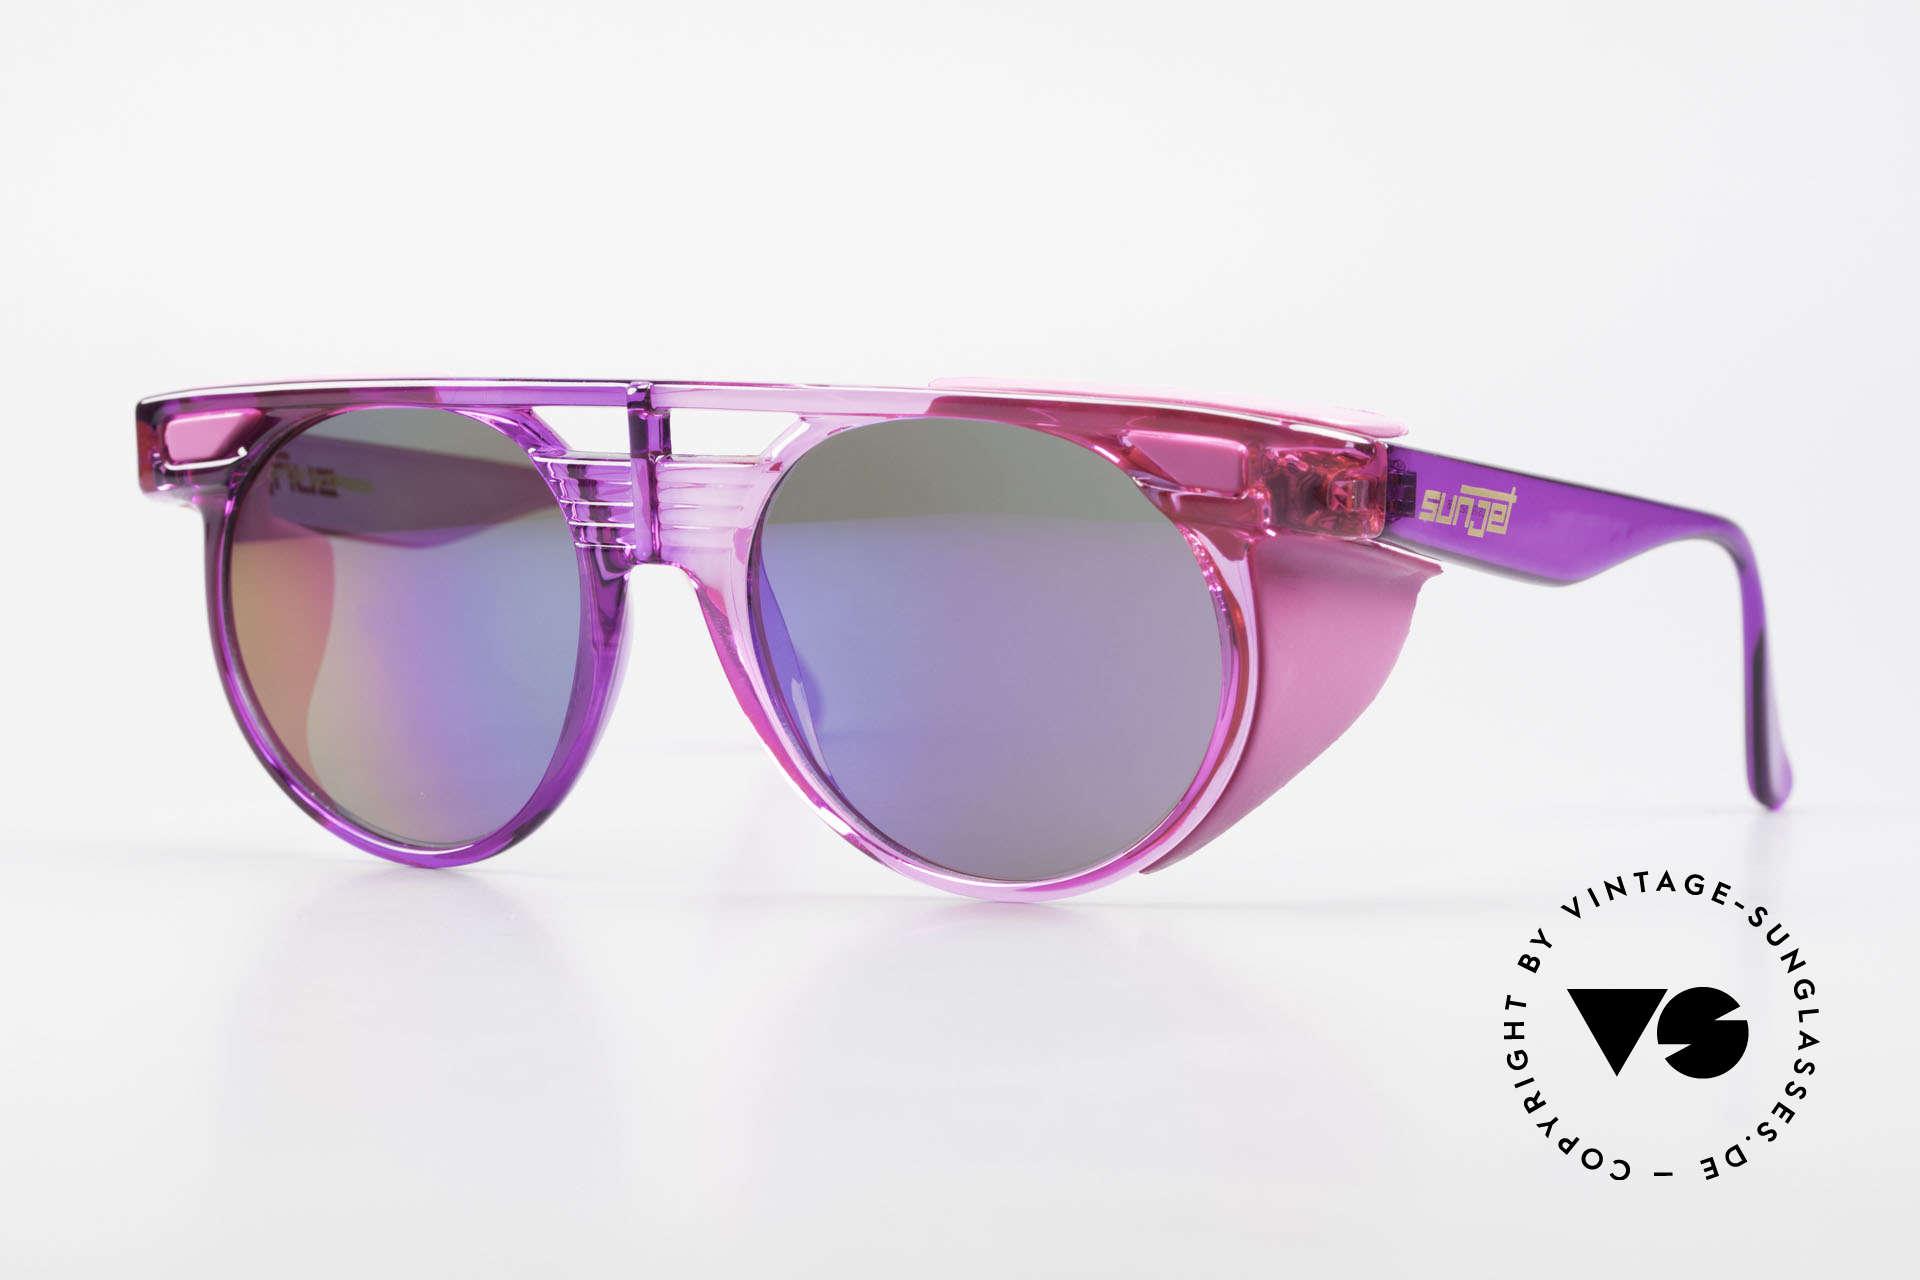 Carrera 5251 Runde Sonnenbrille Steampunk, markante 90er Jahre Carrera SUNJET Sonnenbrille, Passend für Herren und Damen